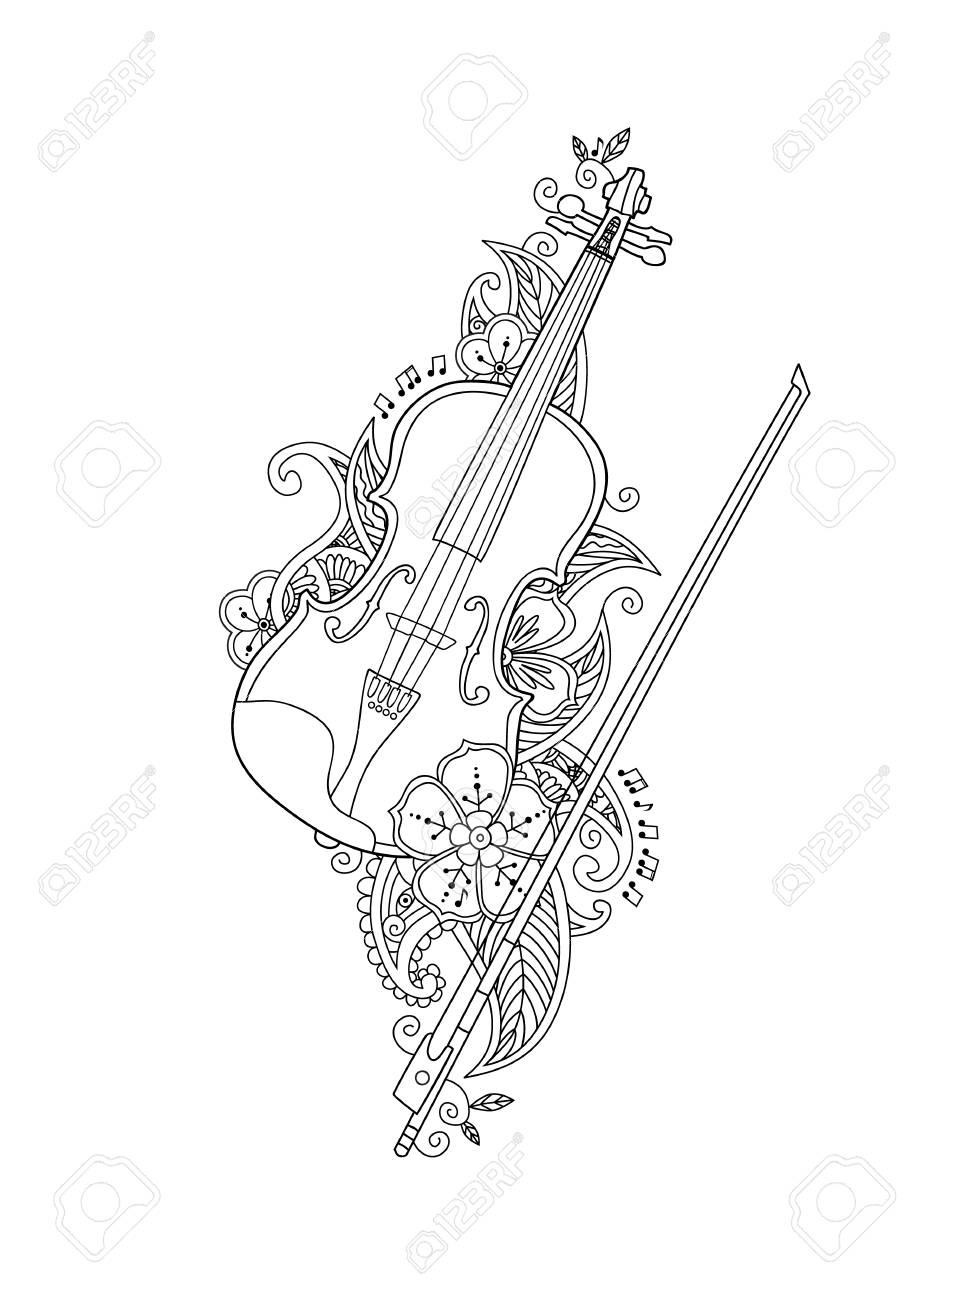 Dibujo Para Colorear Violín Y Arco Con Flores Y Hojas En Estilo Floral Mehendi Doodle Aisladas Sobre Fondo Blanco Libro Para Colorear Antistress